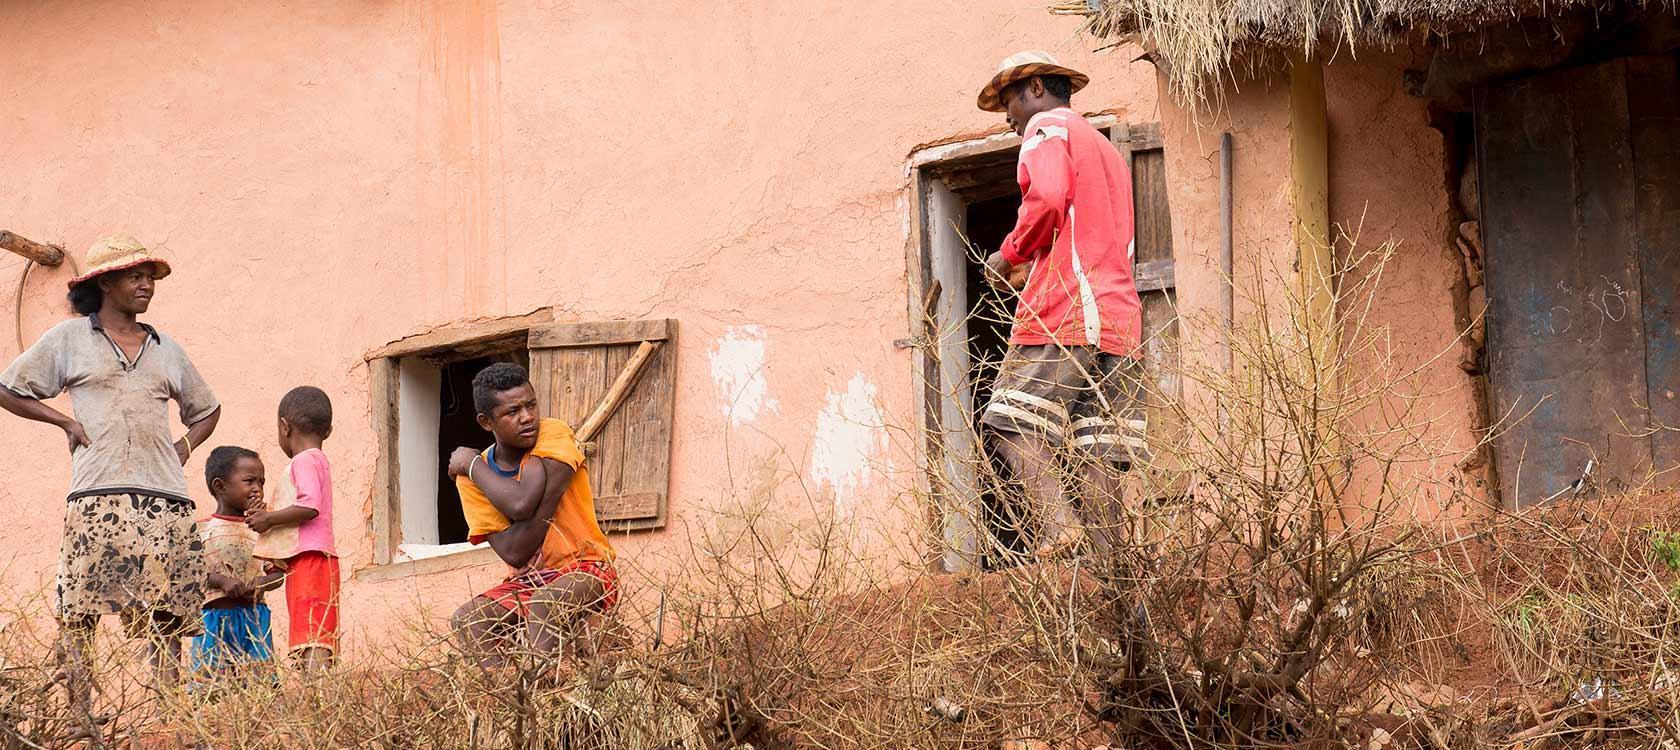 L'AFD soutient un projet mené par l'ONG Agrisud International, afin de développer l'agriculture dans la région Itasy à Madagascar